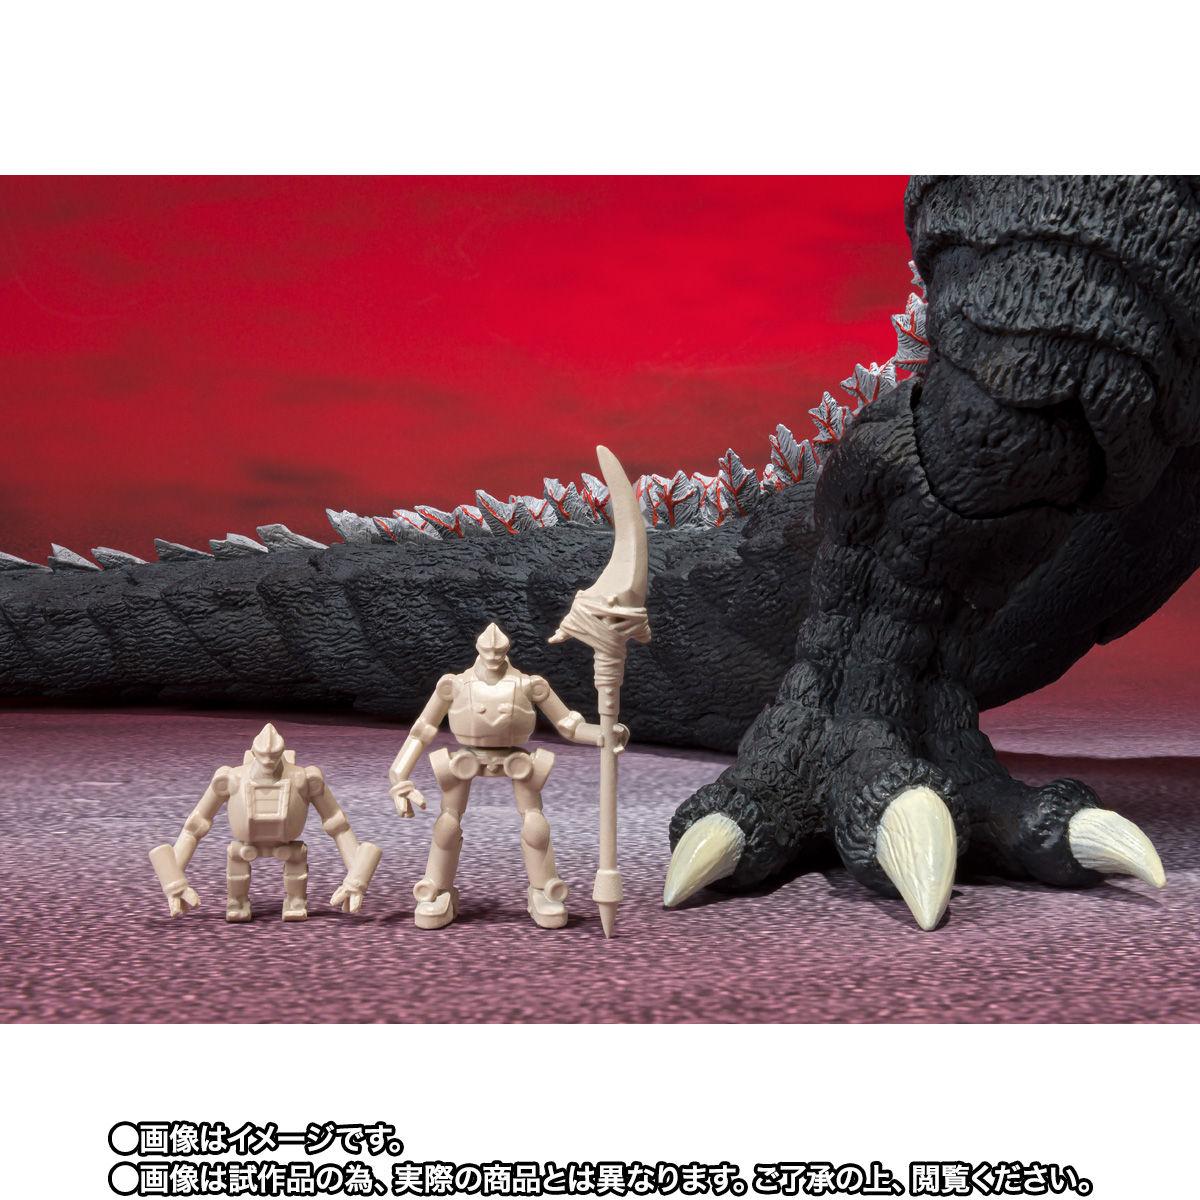 【限定販売】S.H.MonsterArts『ゴジラウルティマ』ゴジラS.P 可動フィギュア-009